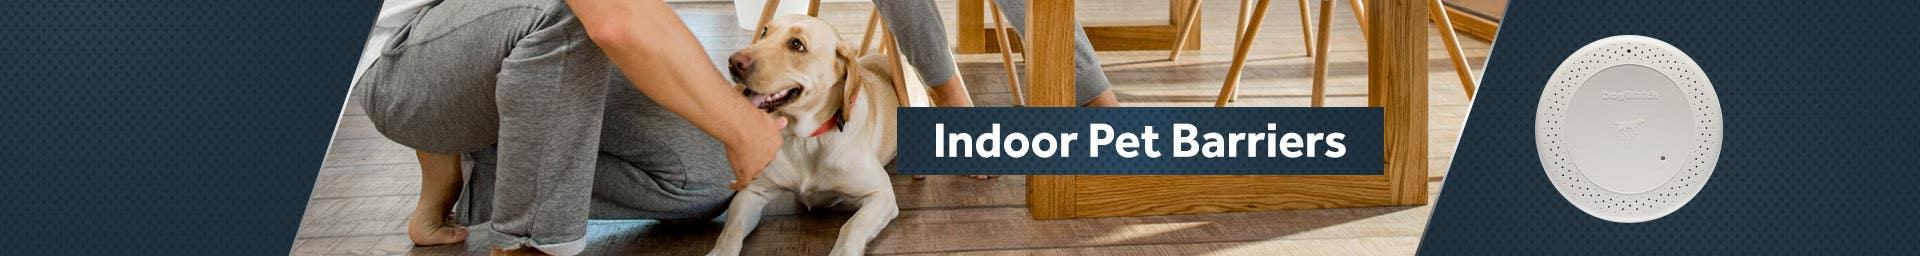 Indoor Pet Barriers